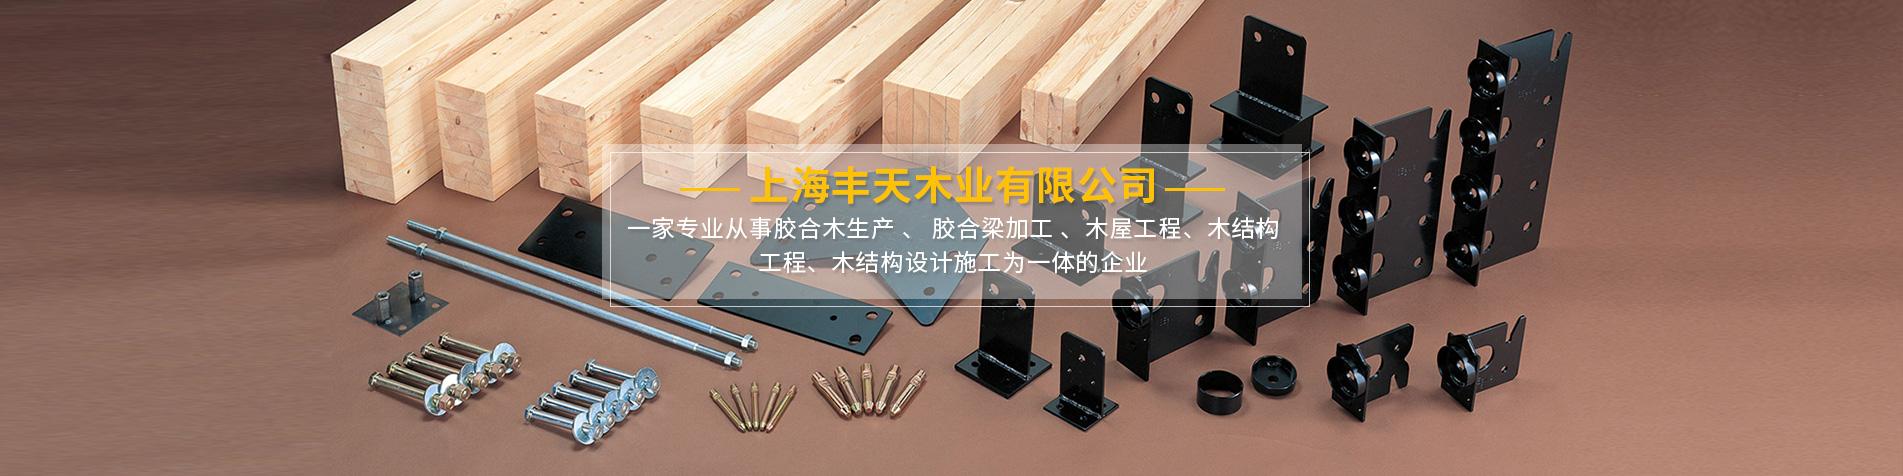 胶合木厂家